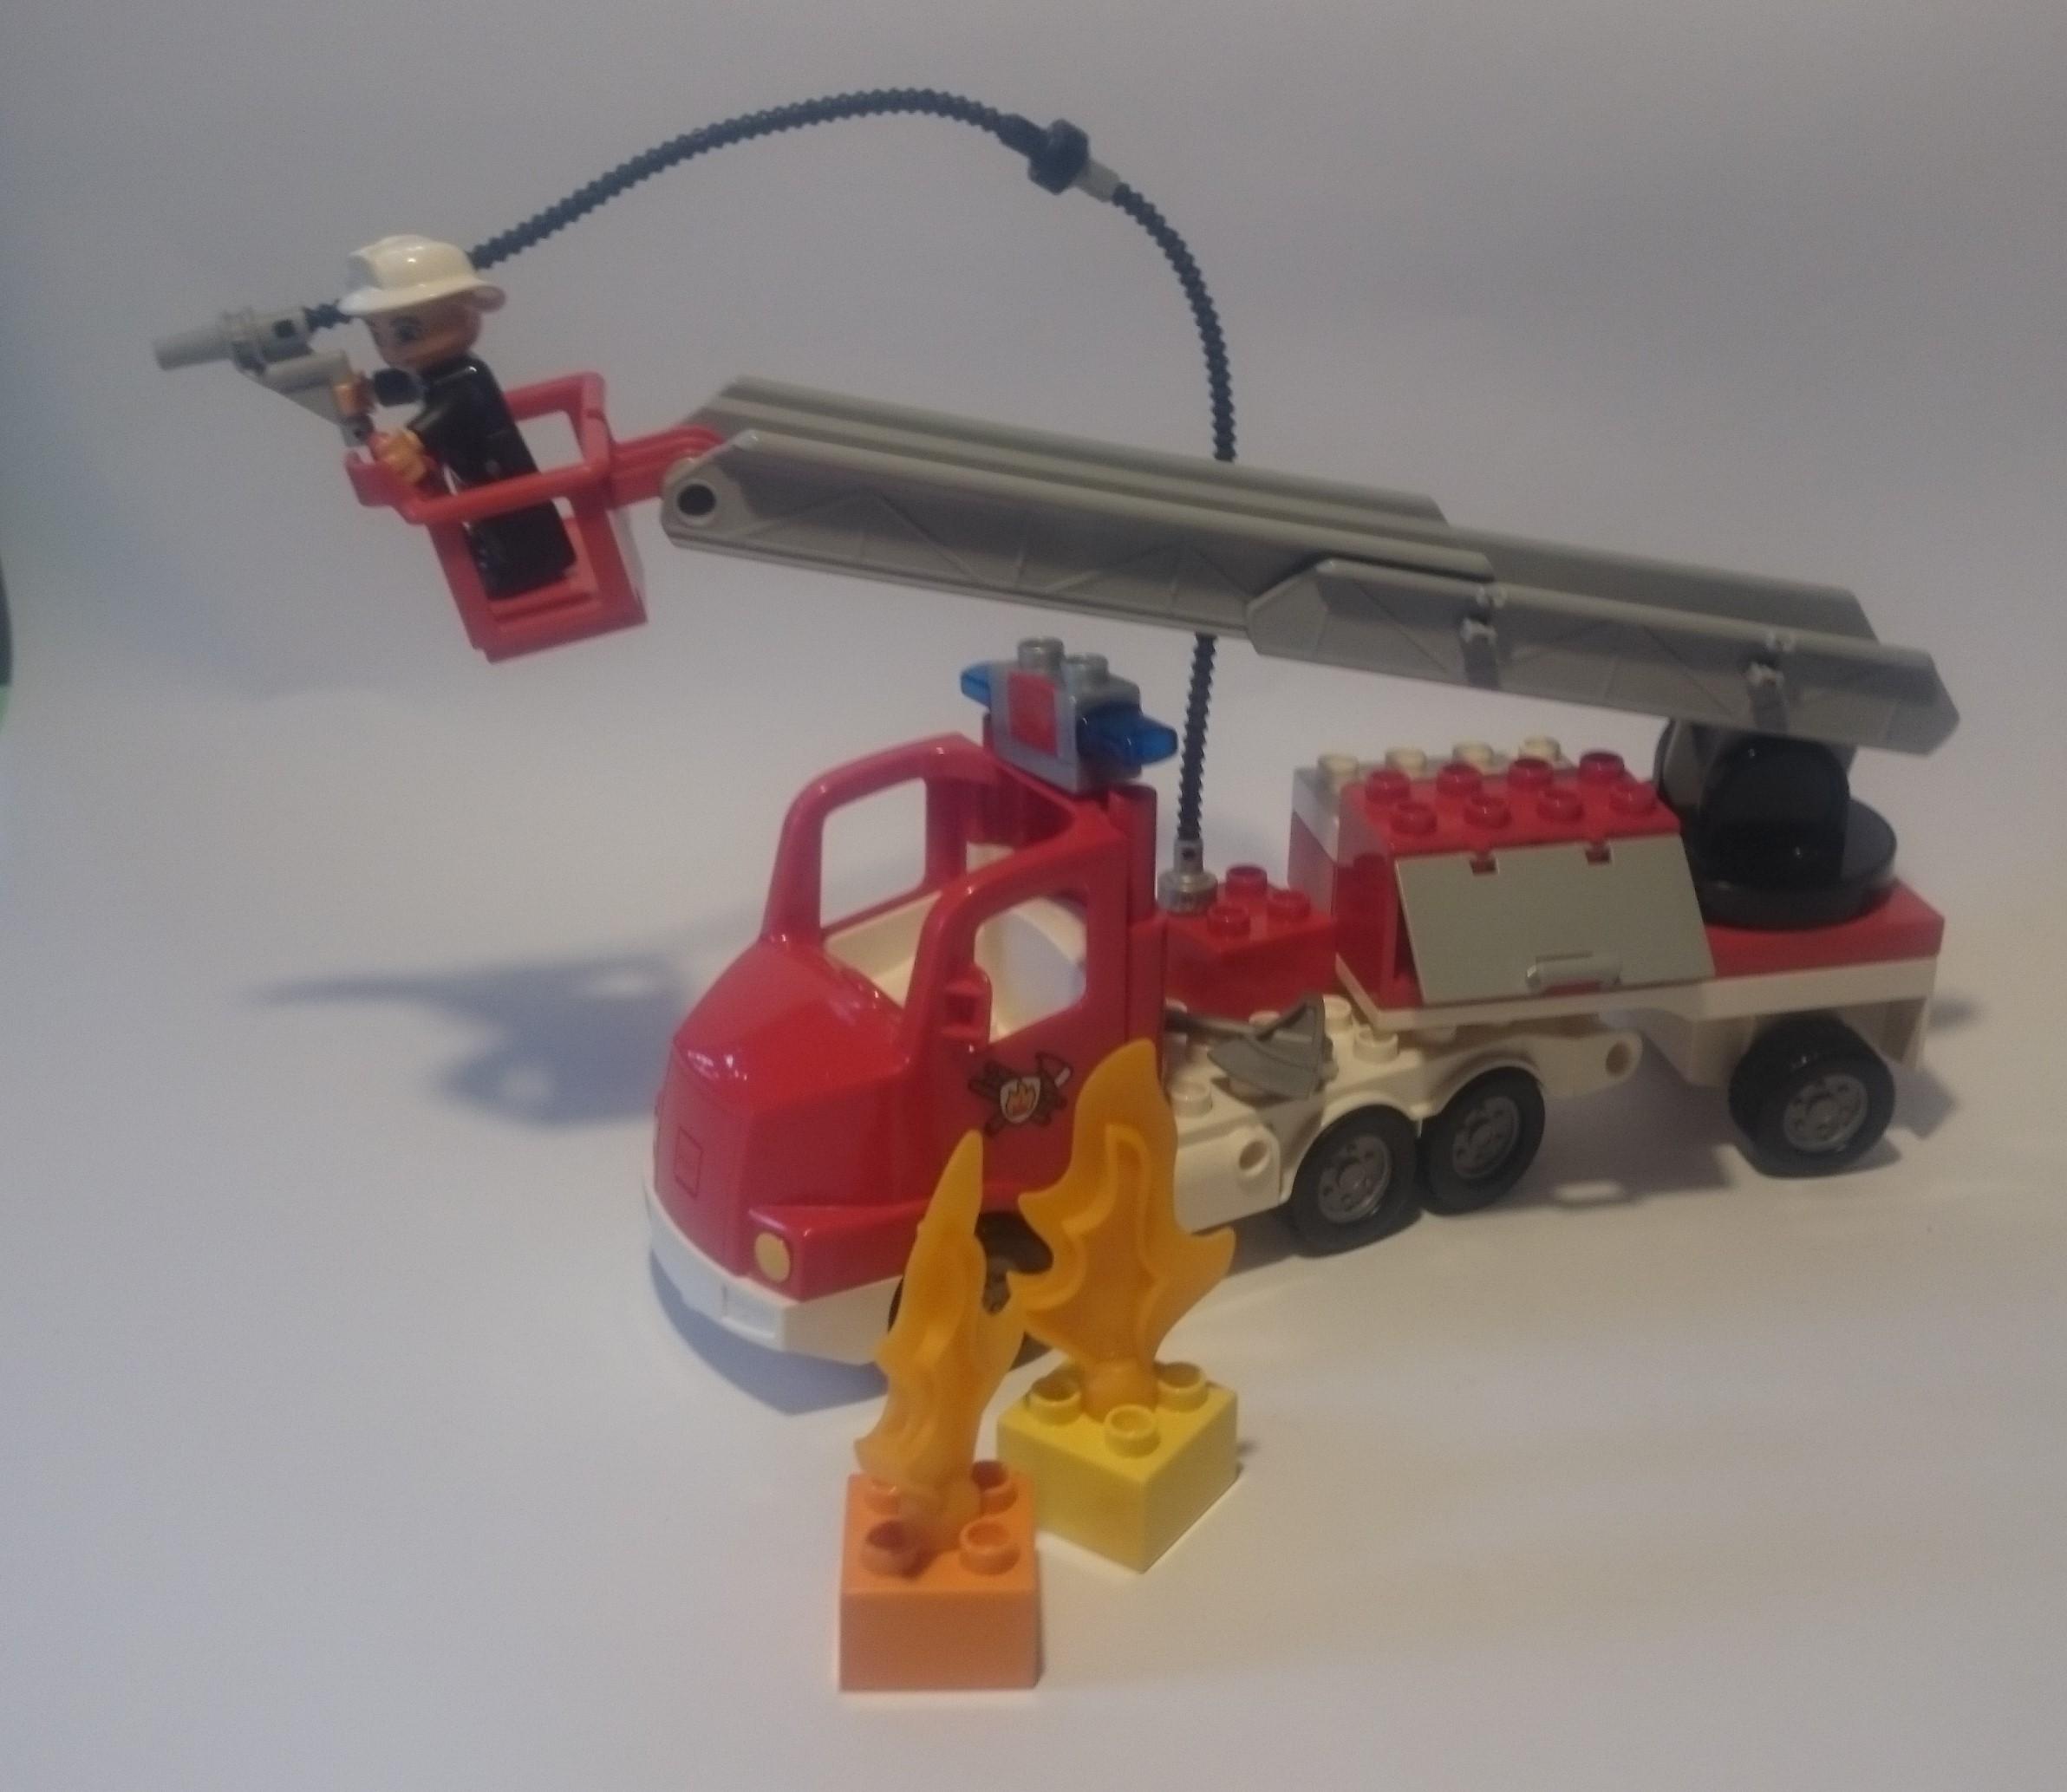 Klocki Lego Duplo Duży Wóz Strazacki 5682 7088006725 Oficjalne